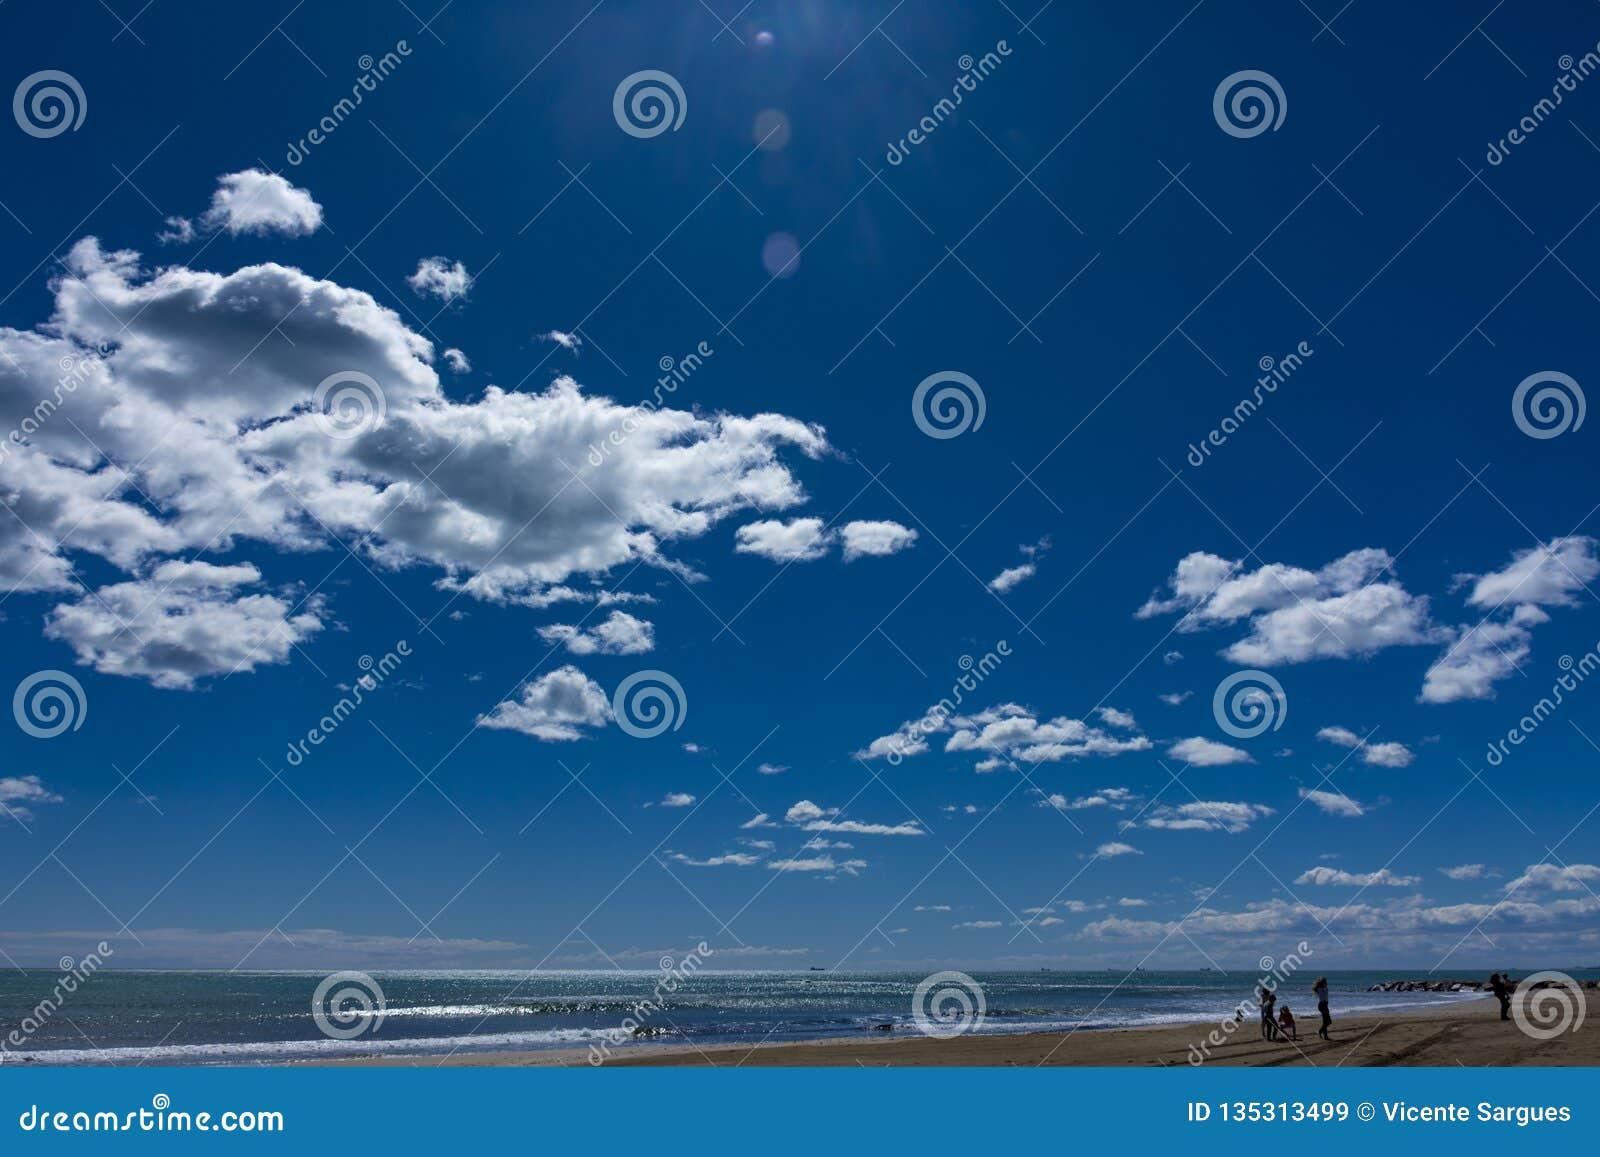 Nuvens e céu azul na praia